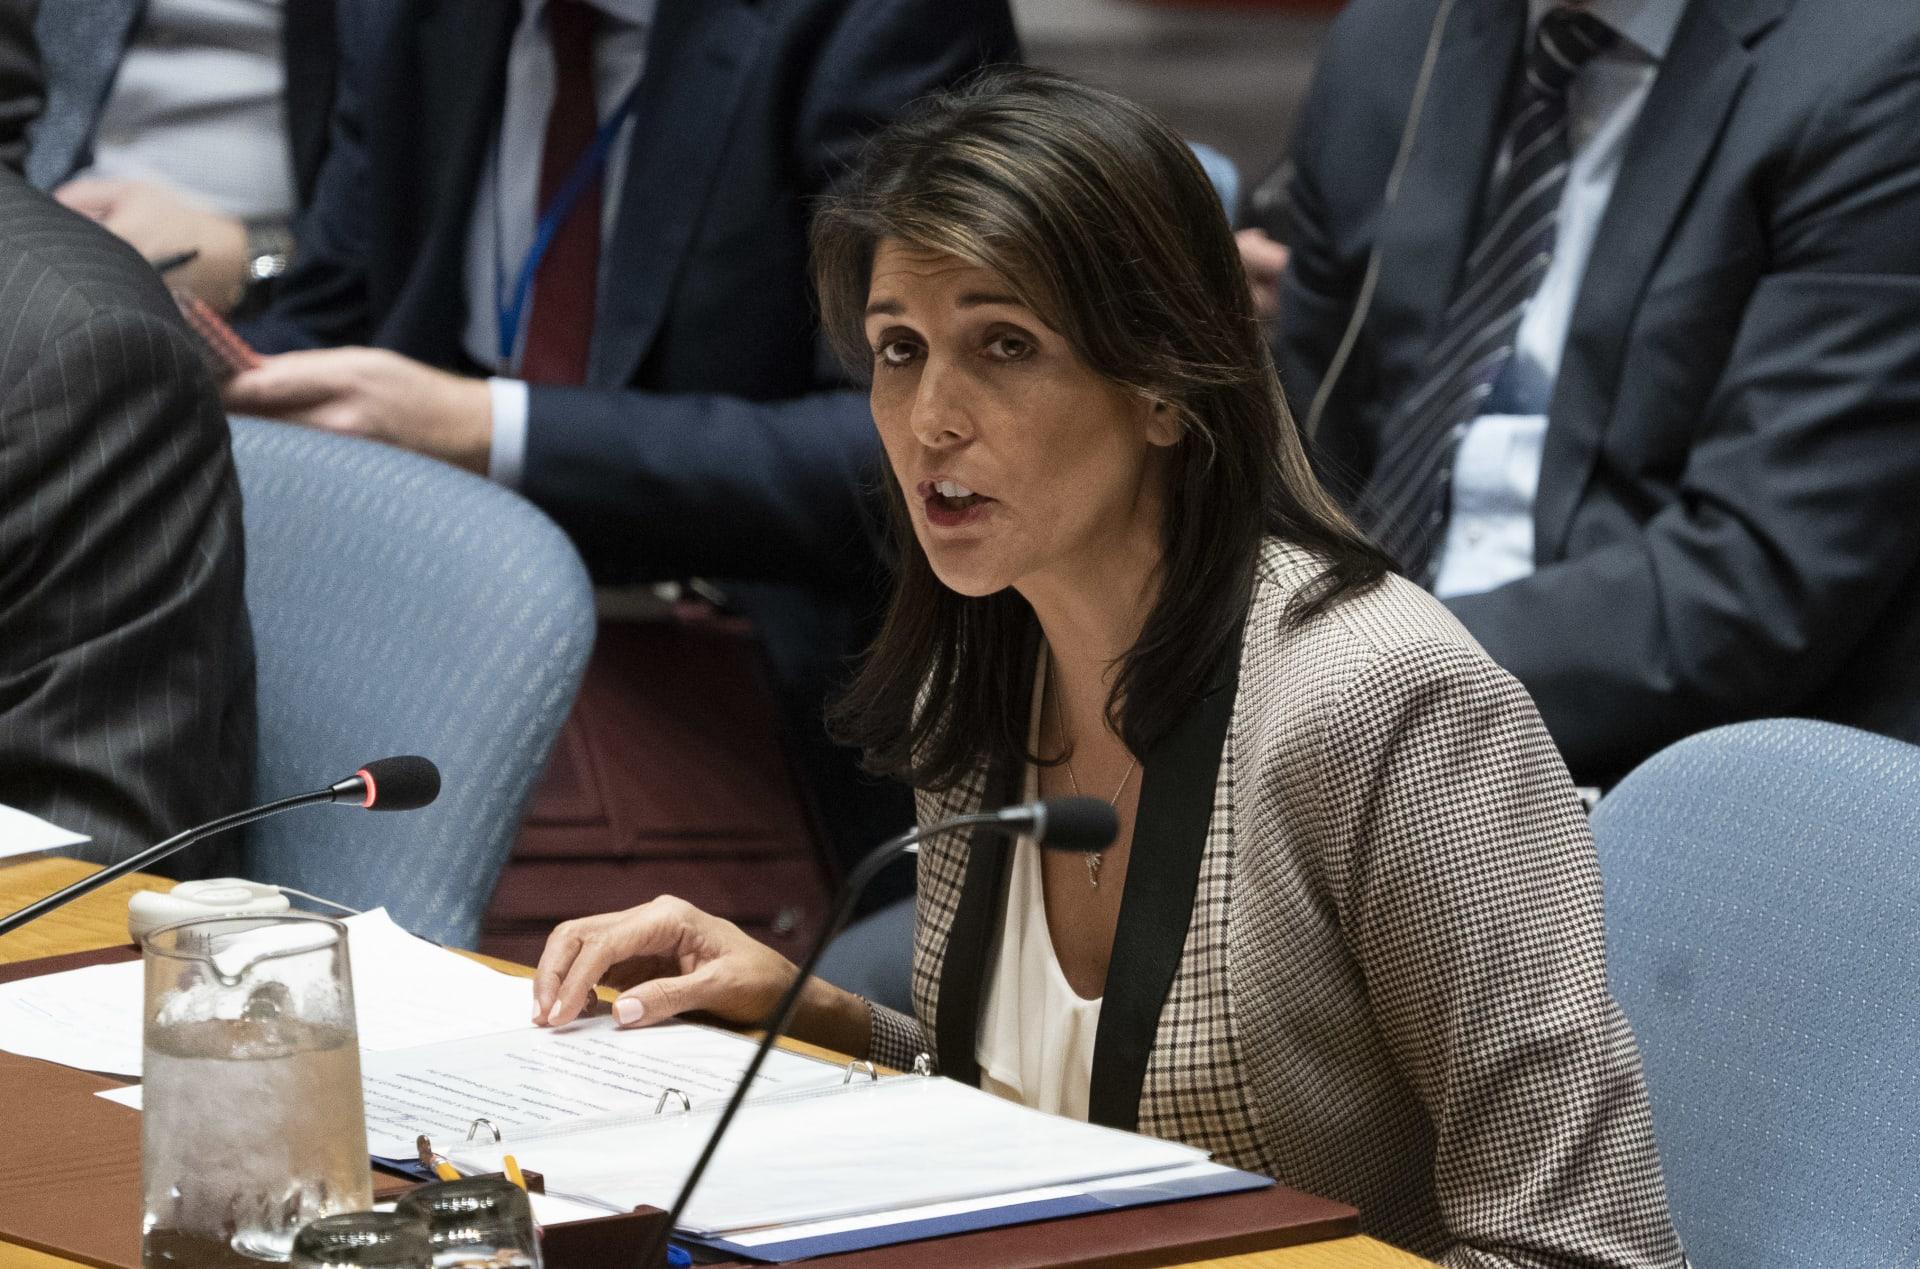 نيكي هايلي تطرق لخطة السلام التي تعدها إدارة ترامب للشرق الأوسط